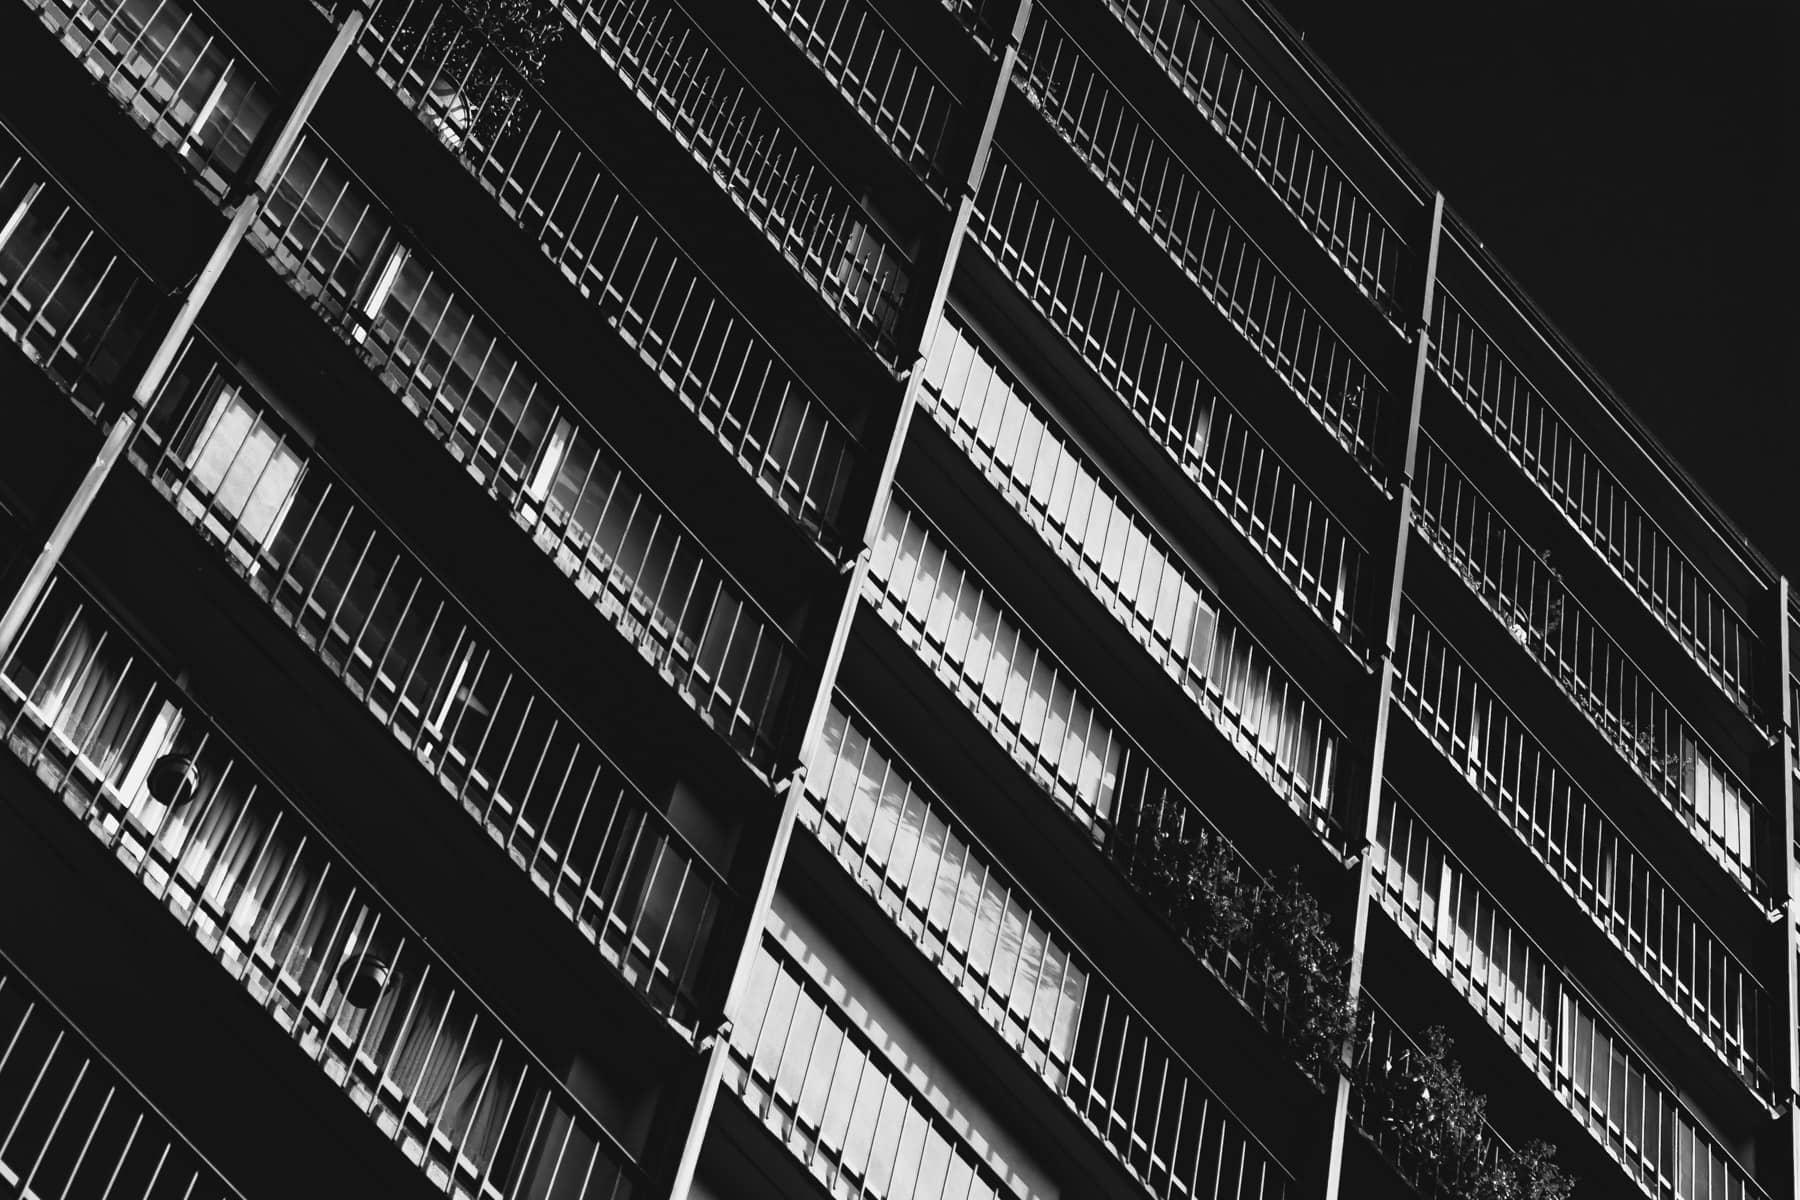 uptown dallas condo balconies